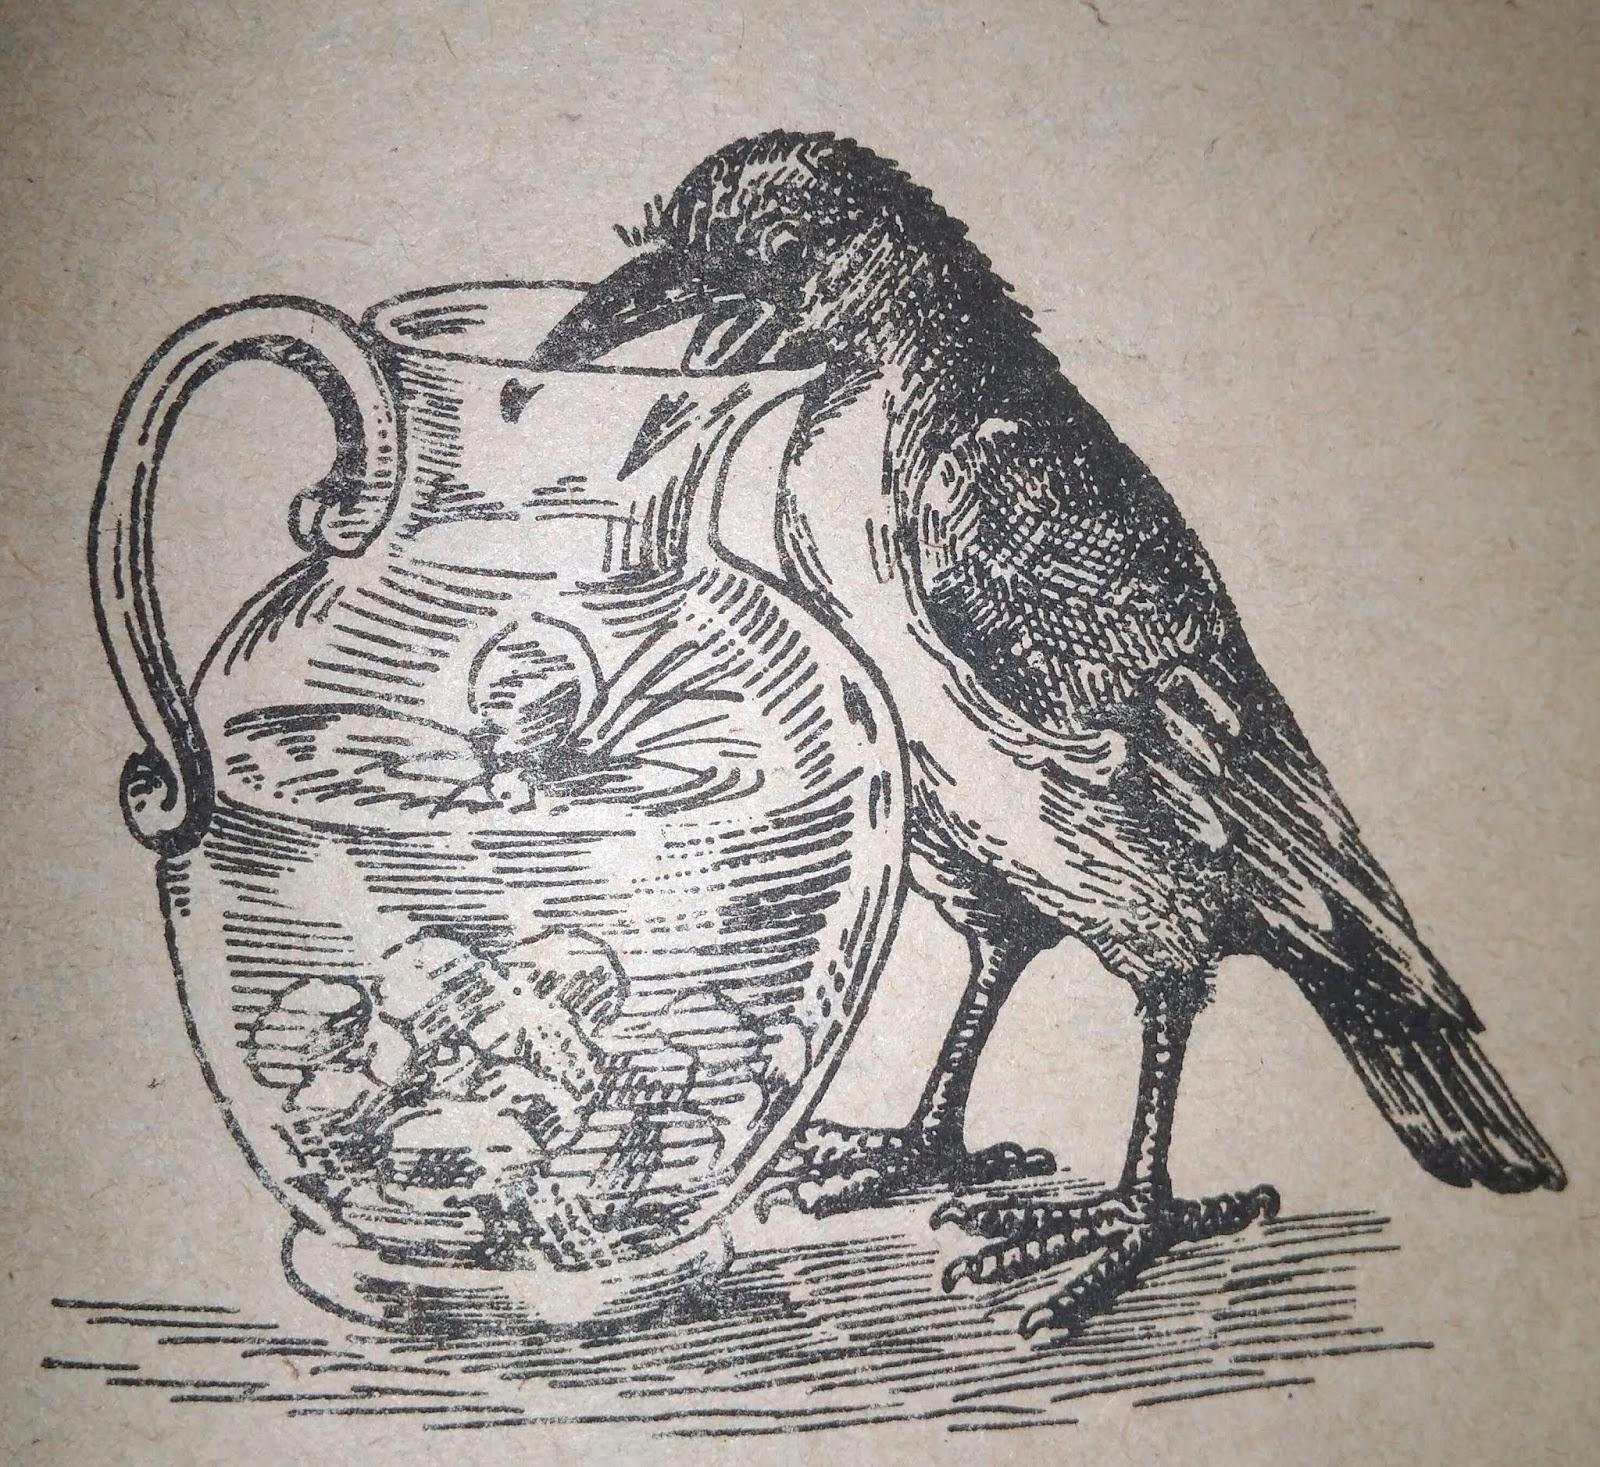 Kisah Burung Gagak Dan Teko Inspirasi Dalam Menemukan Solusi Narasi Hikmah